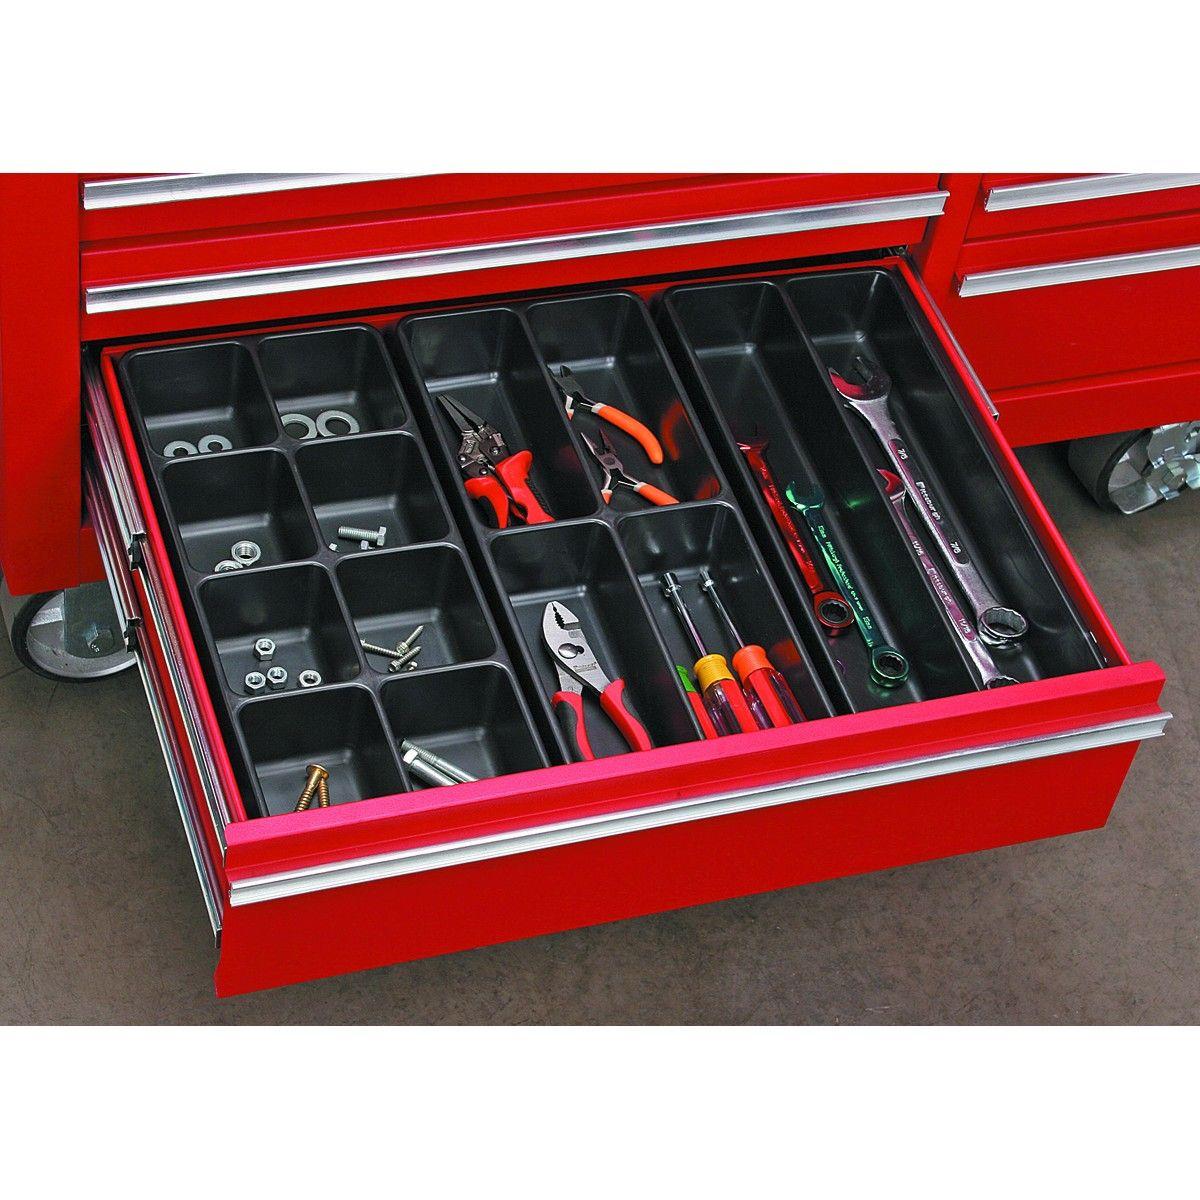 3 Piece Drawer Organizer Set Tool Drawers Tool Drawer Organizer